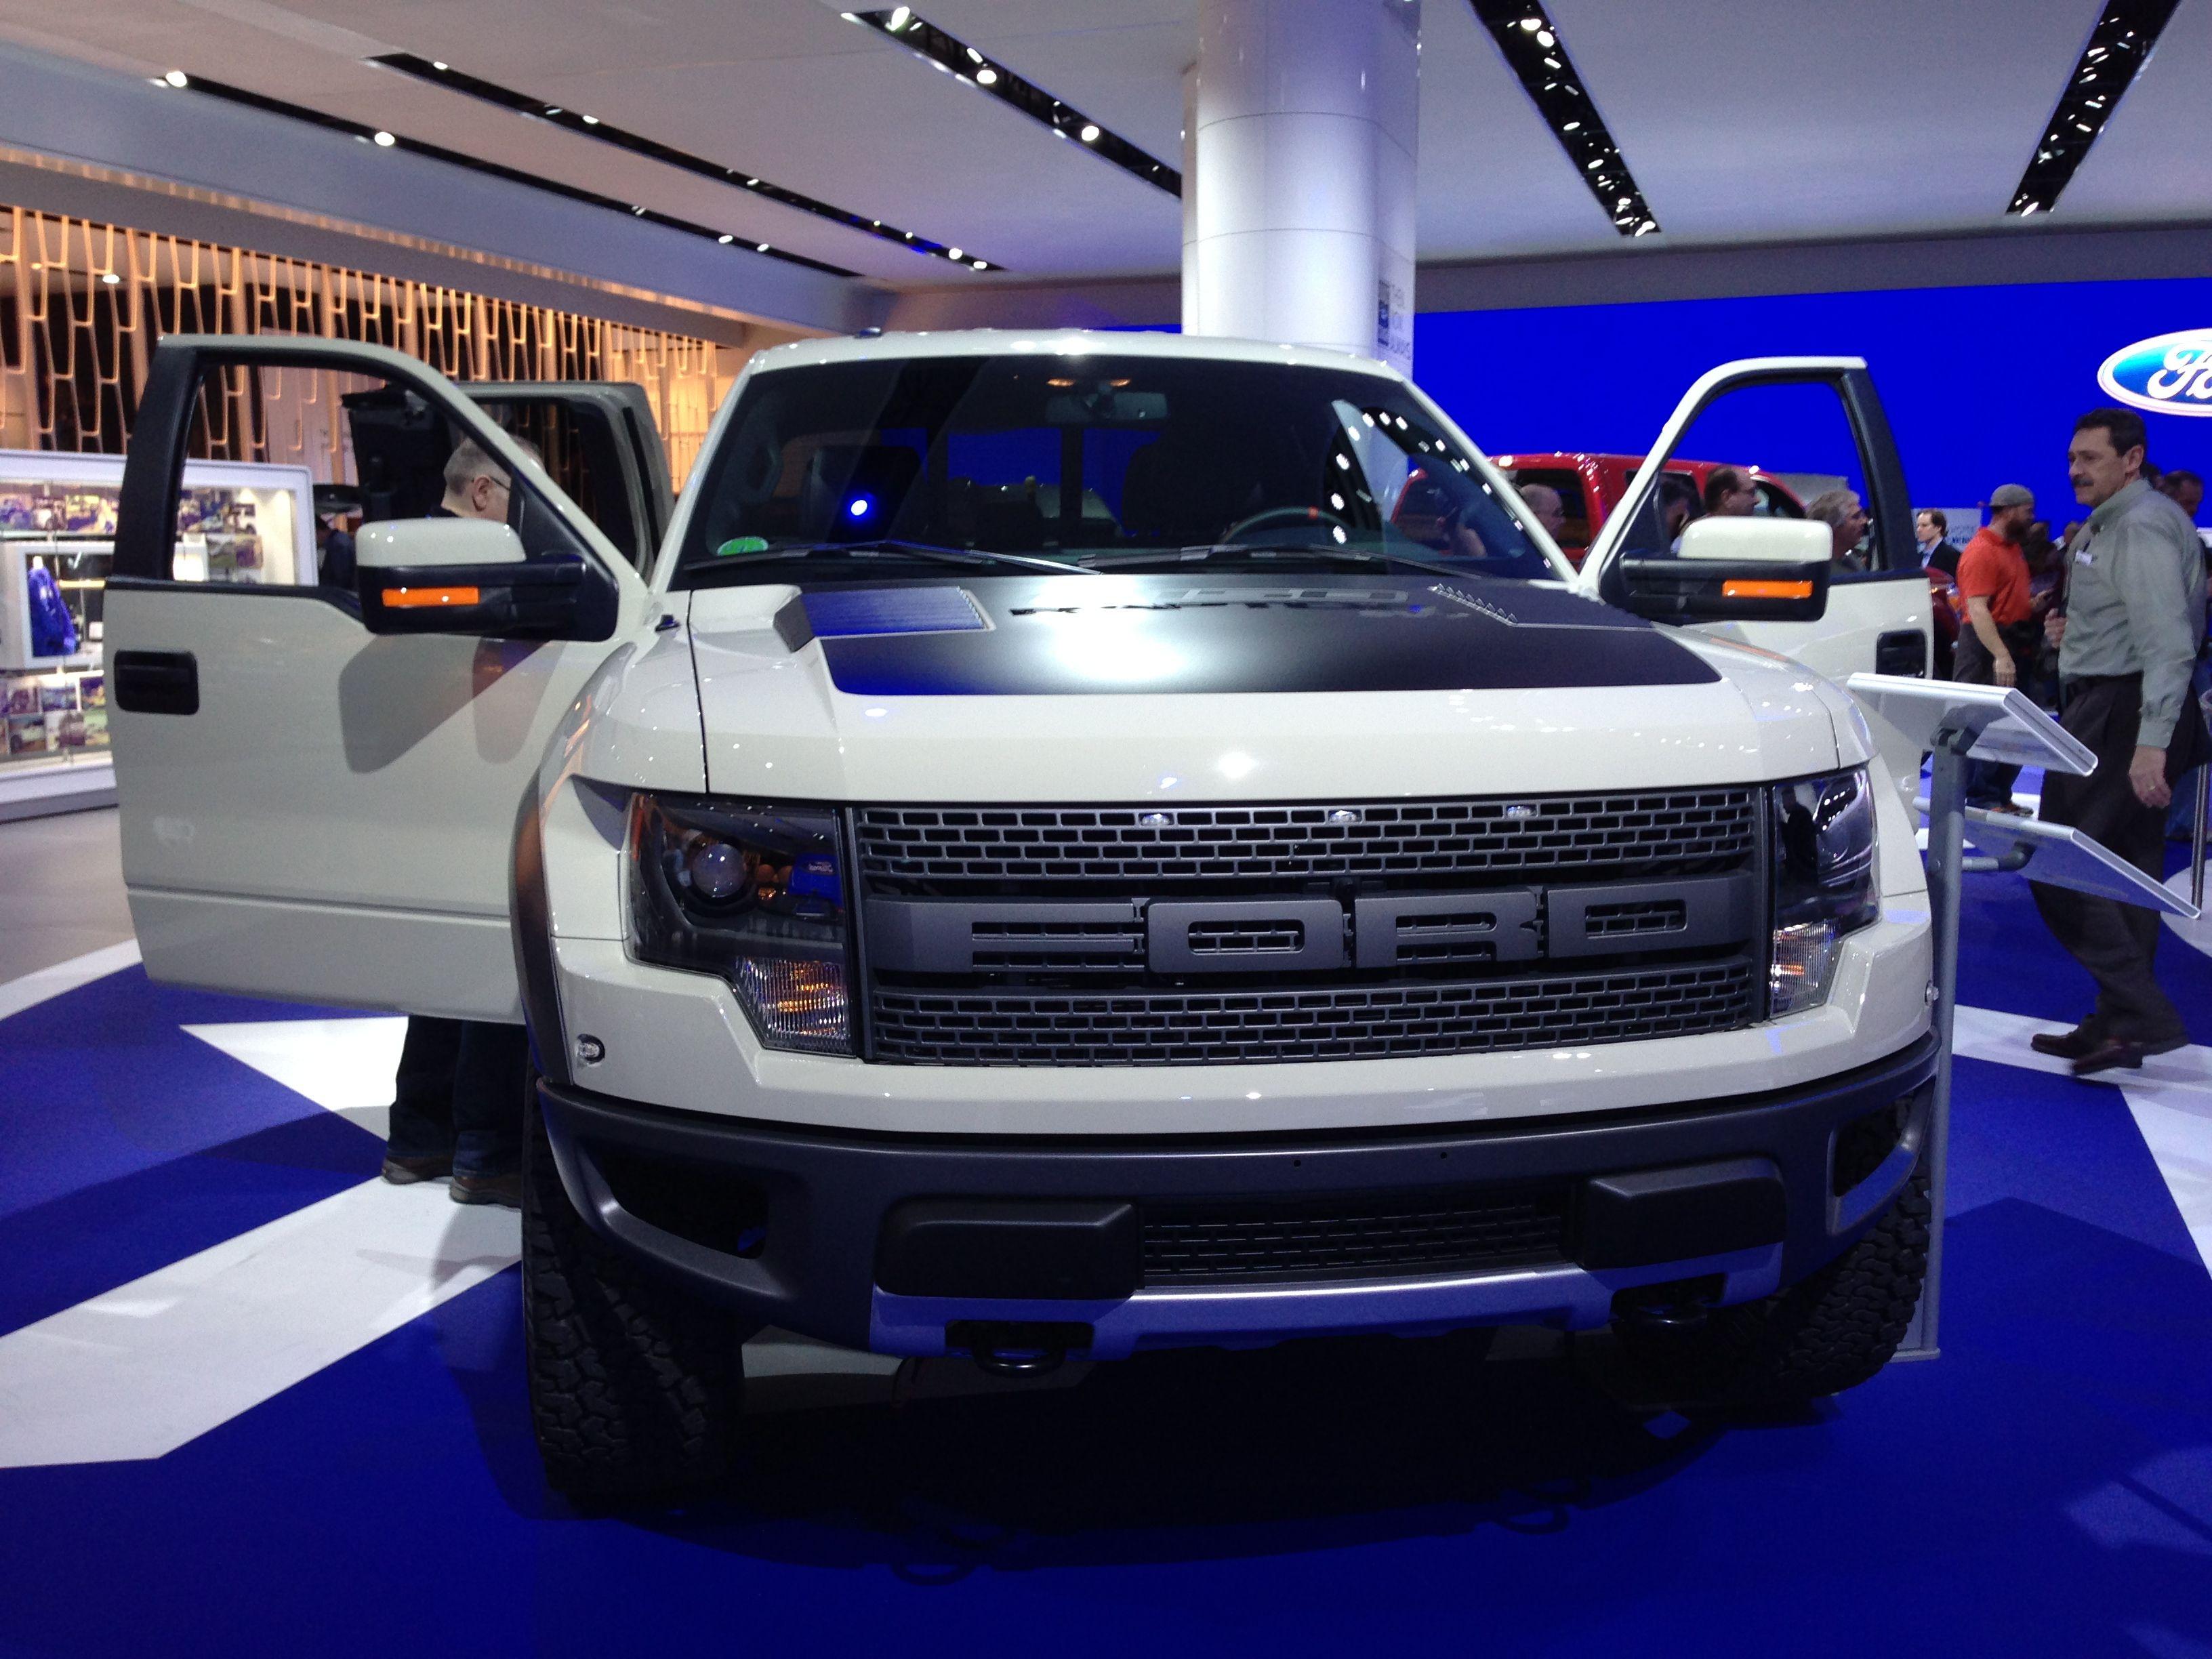 Doors open white ford f 150 svt raptor truck with black hood